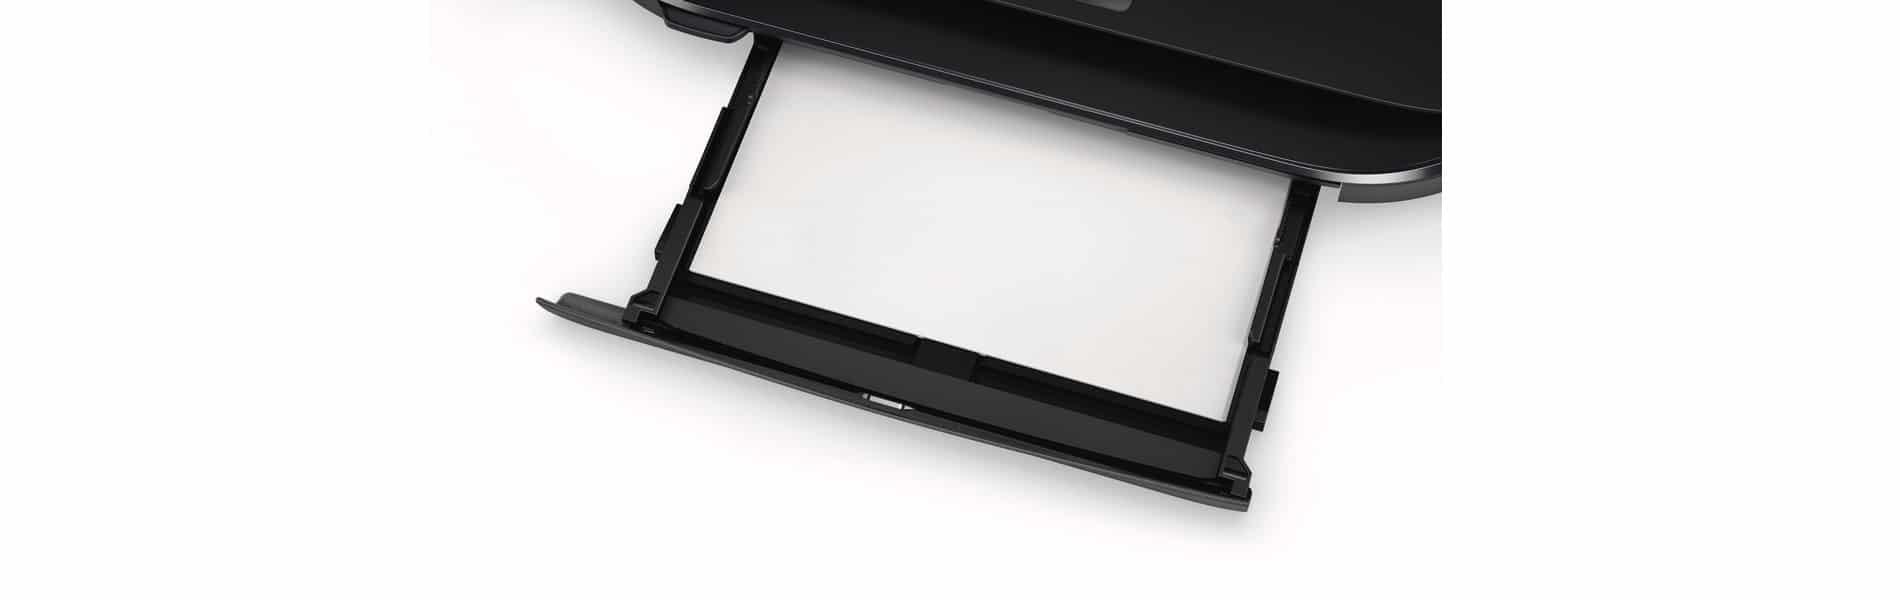 Wird das Papier nicht richtig in die Papierkassette eingelegt, druckt der Drucker oftmals schief